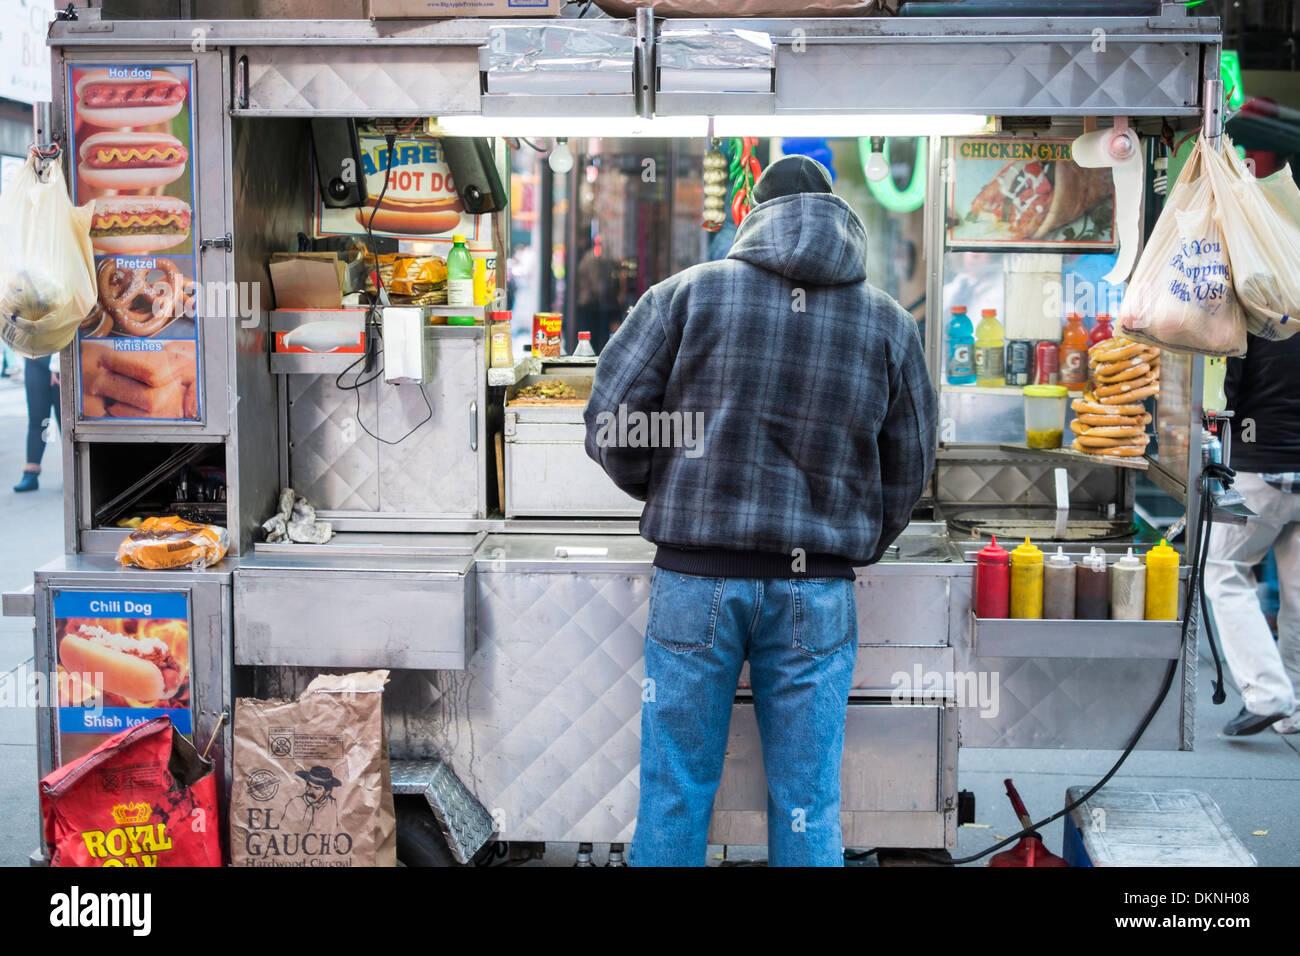 NEW YORK, États-Unis - 24 novembre: Street corner stand alimentaire avec le vendeur de l'arrière. Le 24 novembre 2013 à New York. Photo Stock